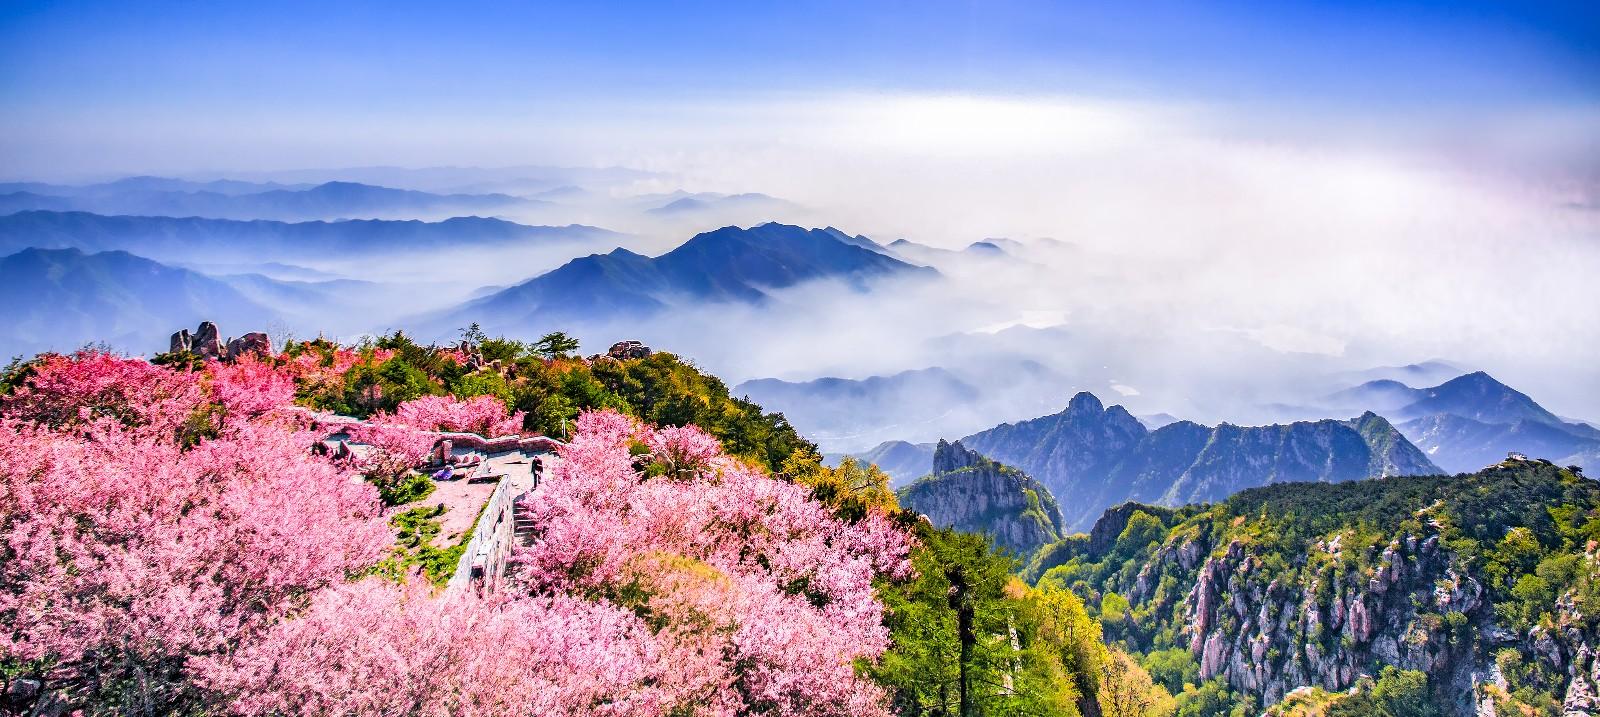 花海翠山(曲业芝摄影作品18653863619).jpg